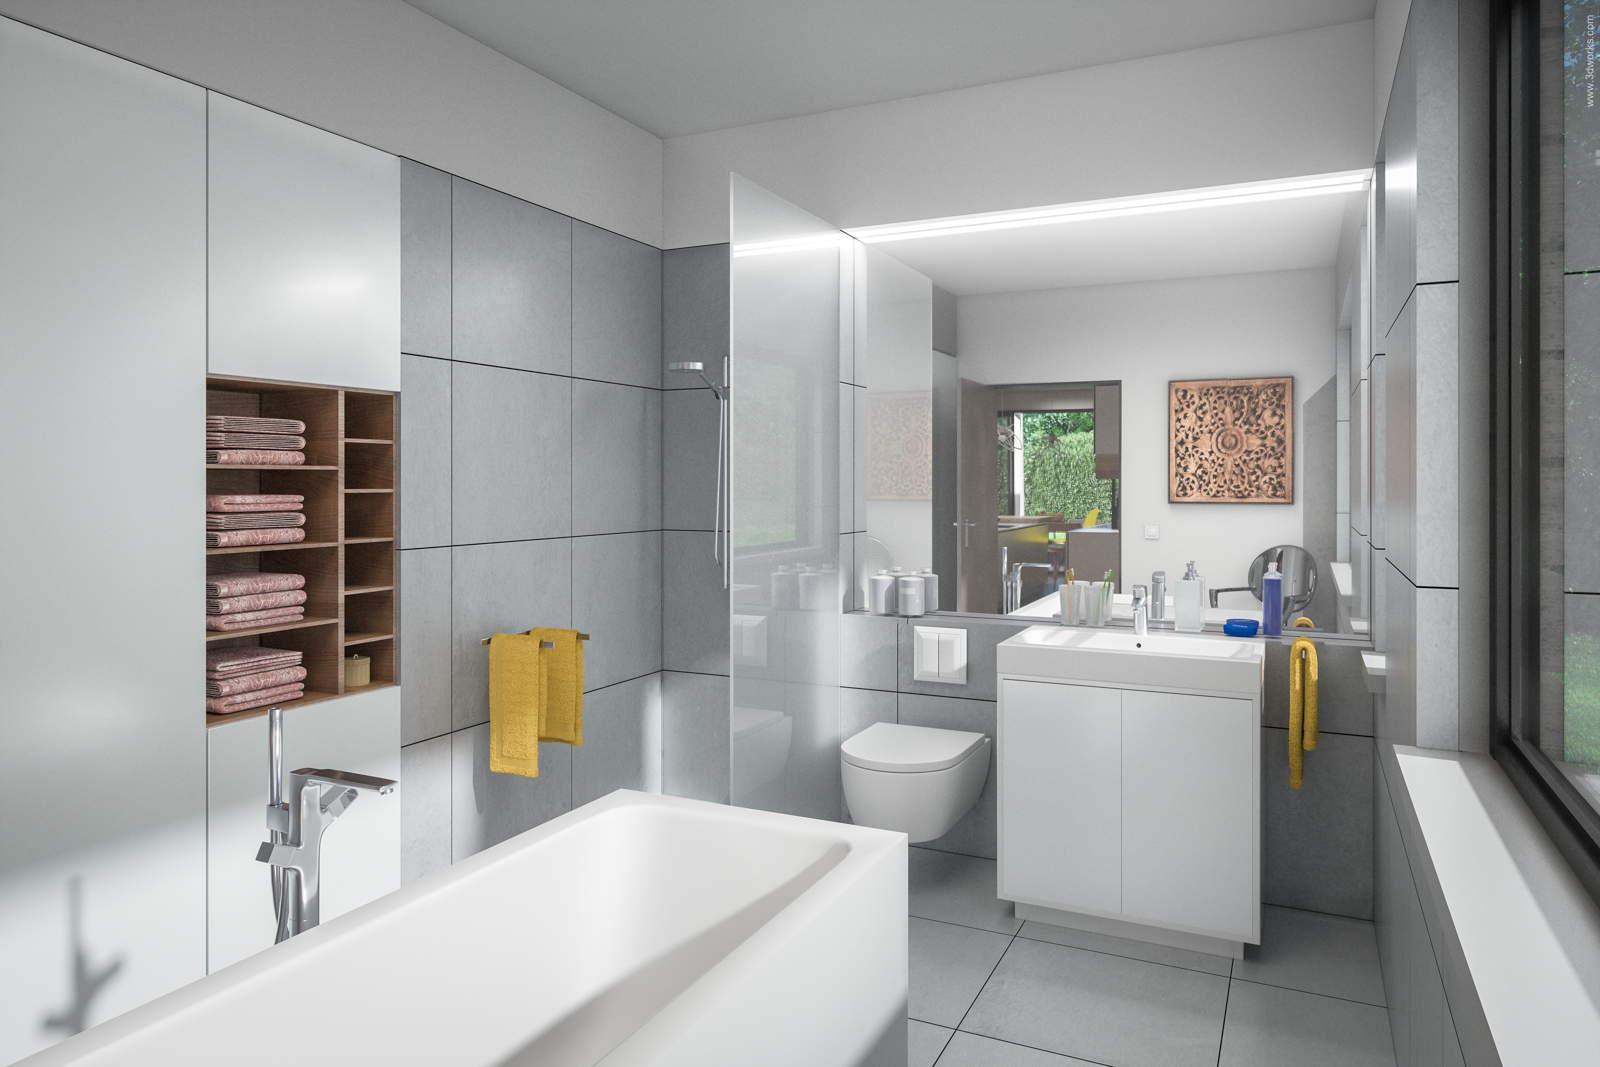 Visualisierung eines Bads - Pool House Interior